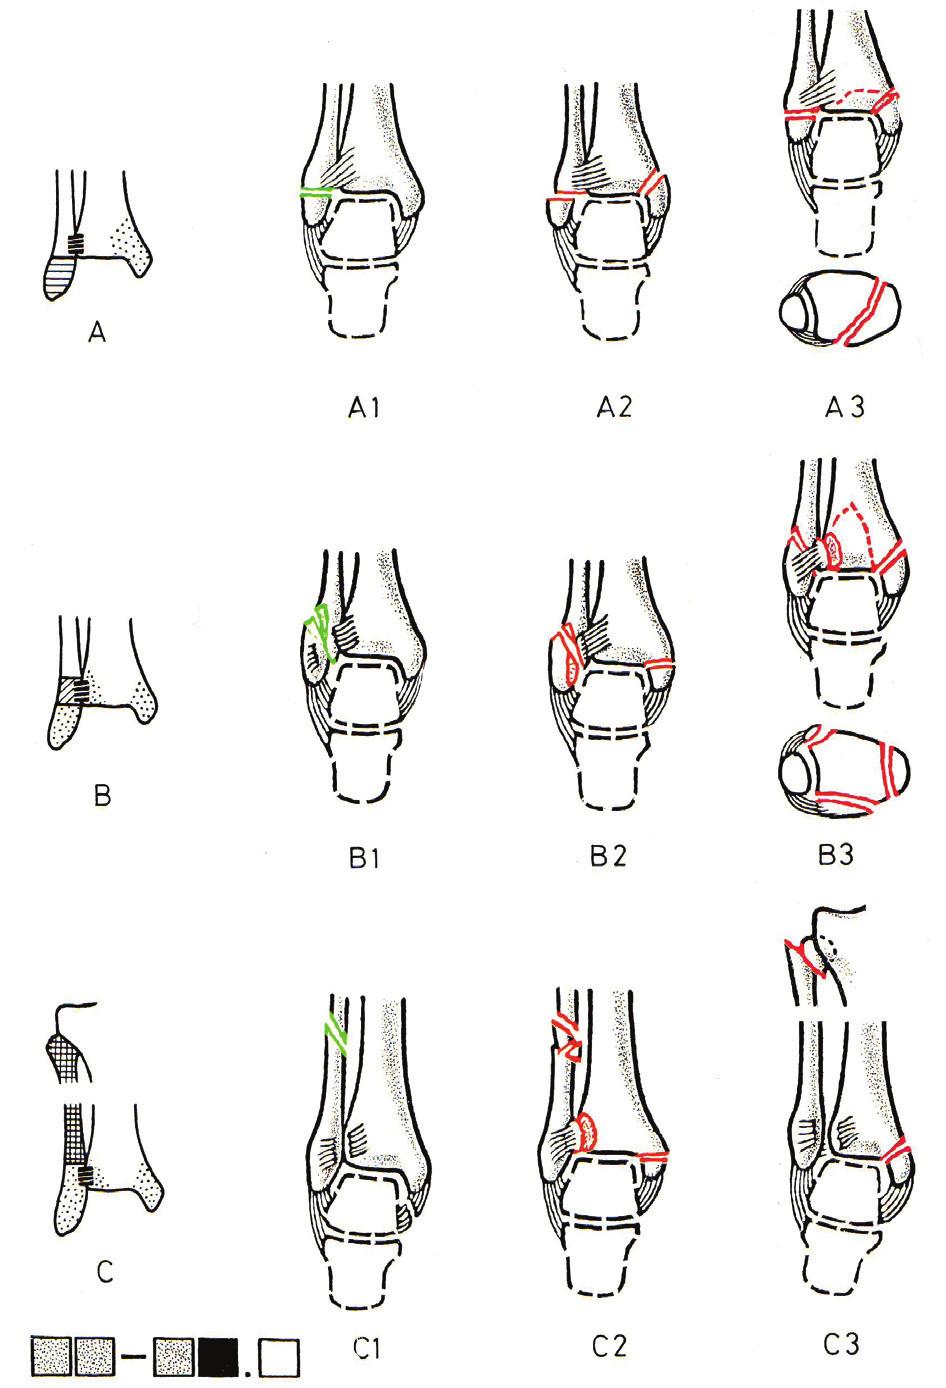 AO klasifikace zlomenin hlezna (Převzato [24])